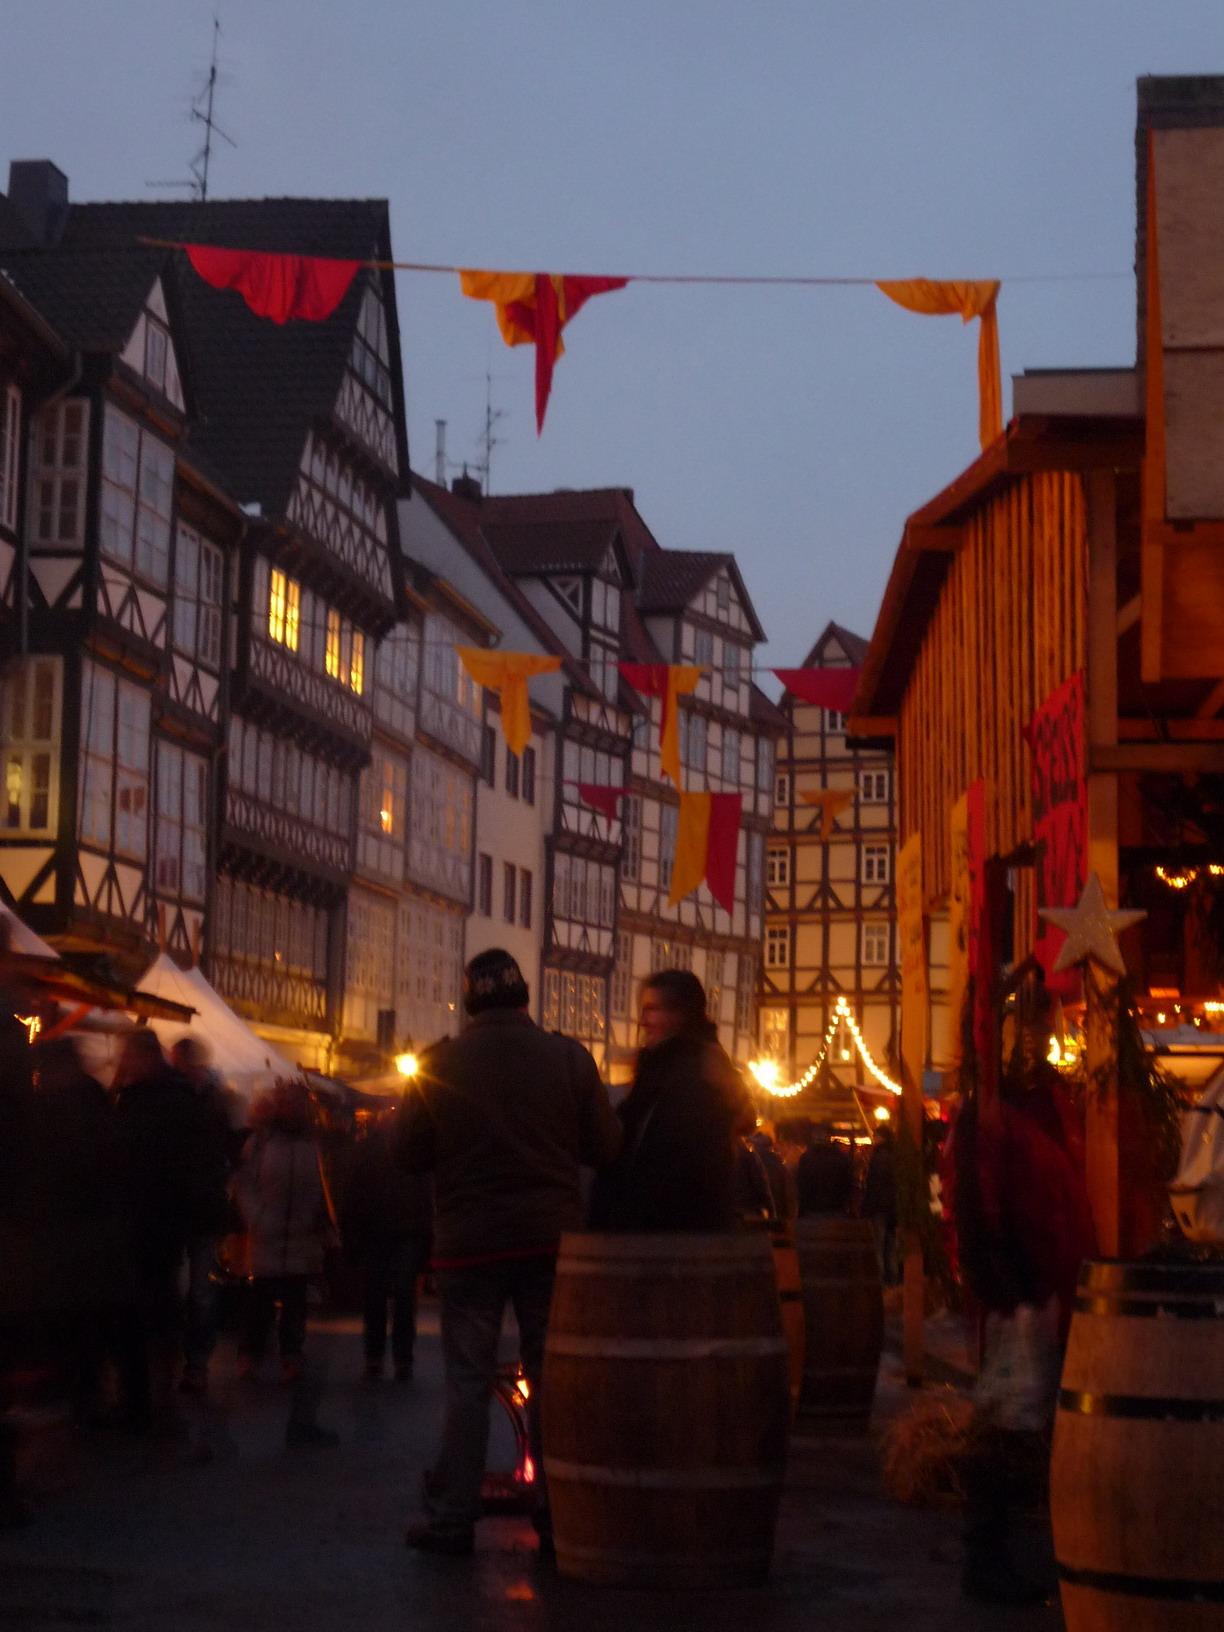 Weihnachtsmarkt H.File Hannover Weihnachtsmarkt 768 H Jpg Wikimedia Commons